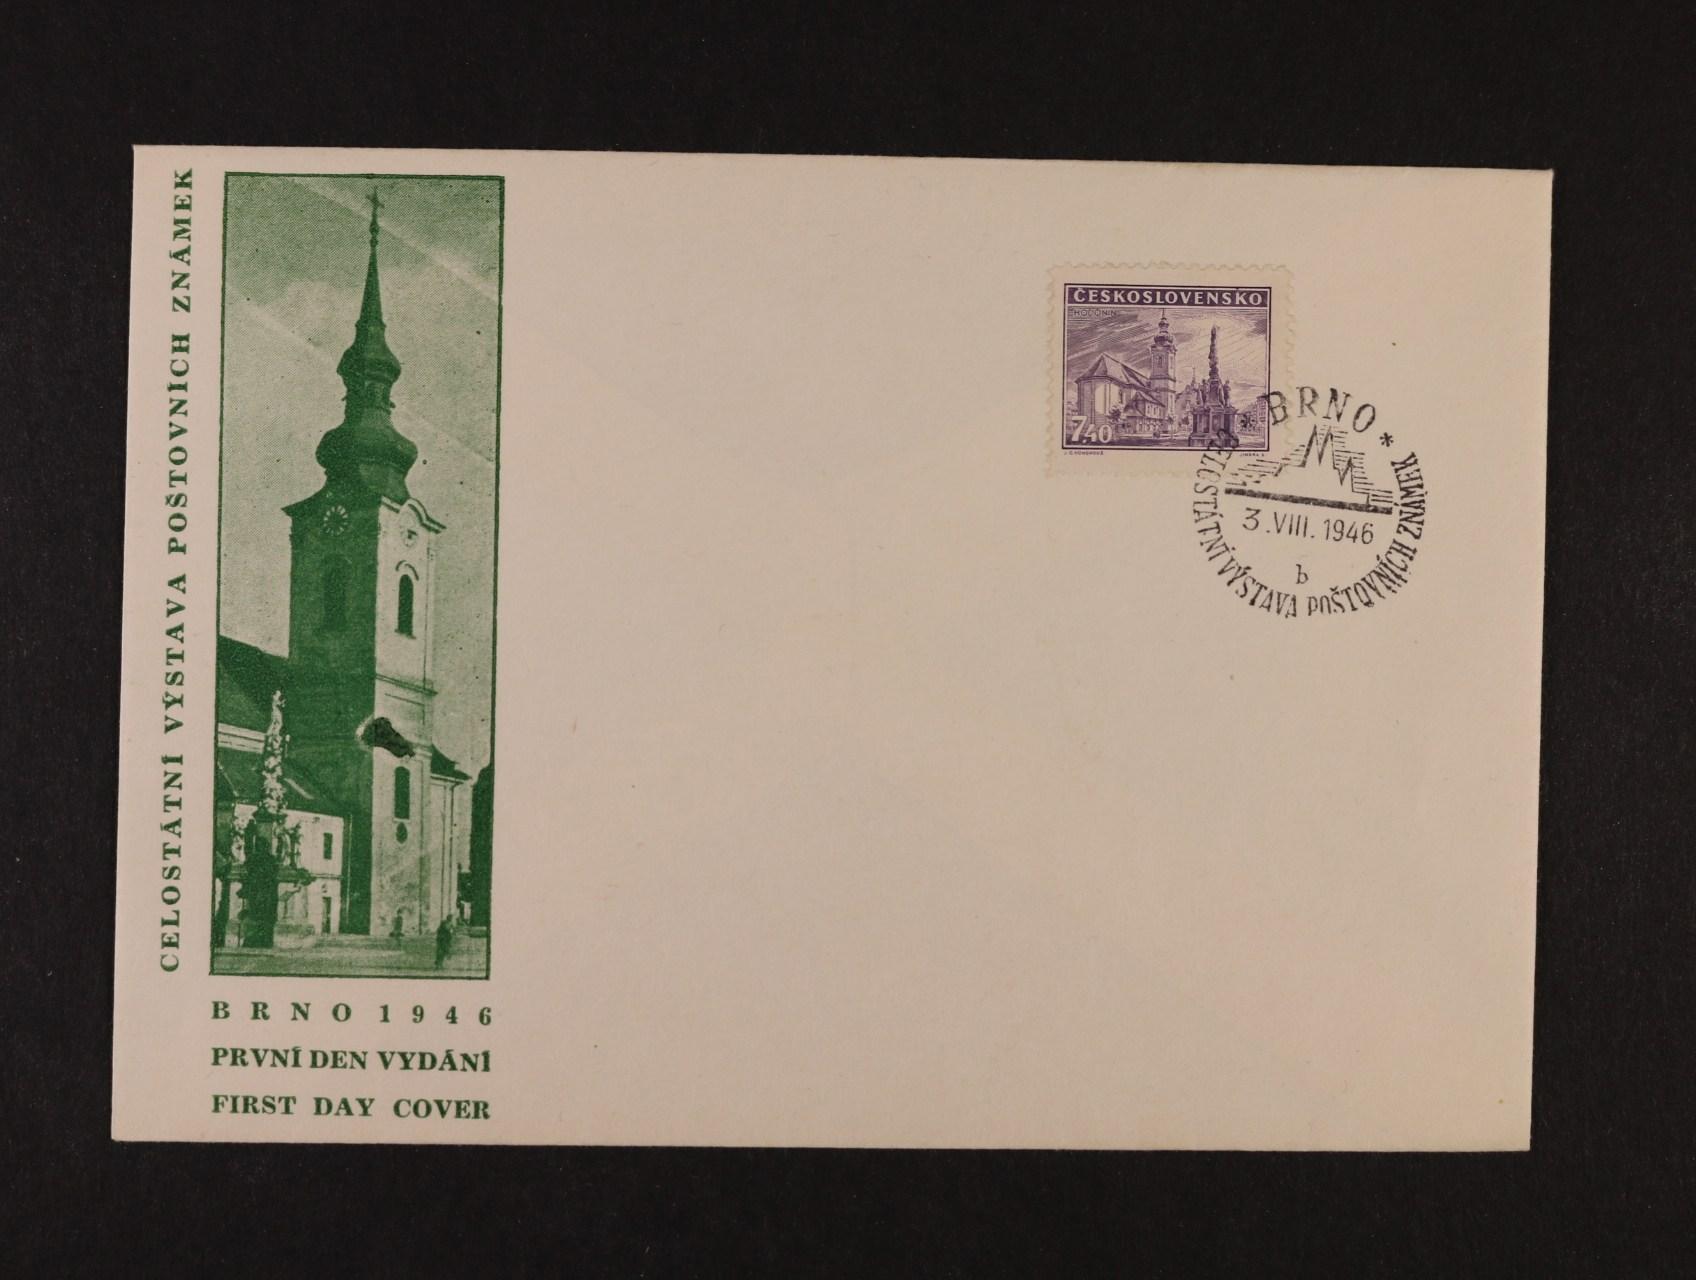 předběžné obálky  -  obálka 1. dne s kresbou a nápisem FDC vlevo a zn. 439  s raz. BRNO 3.8.46